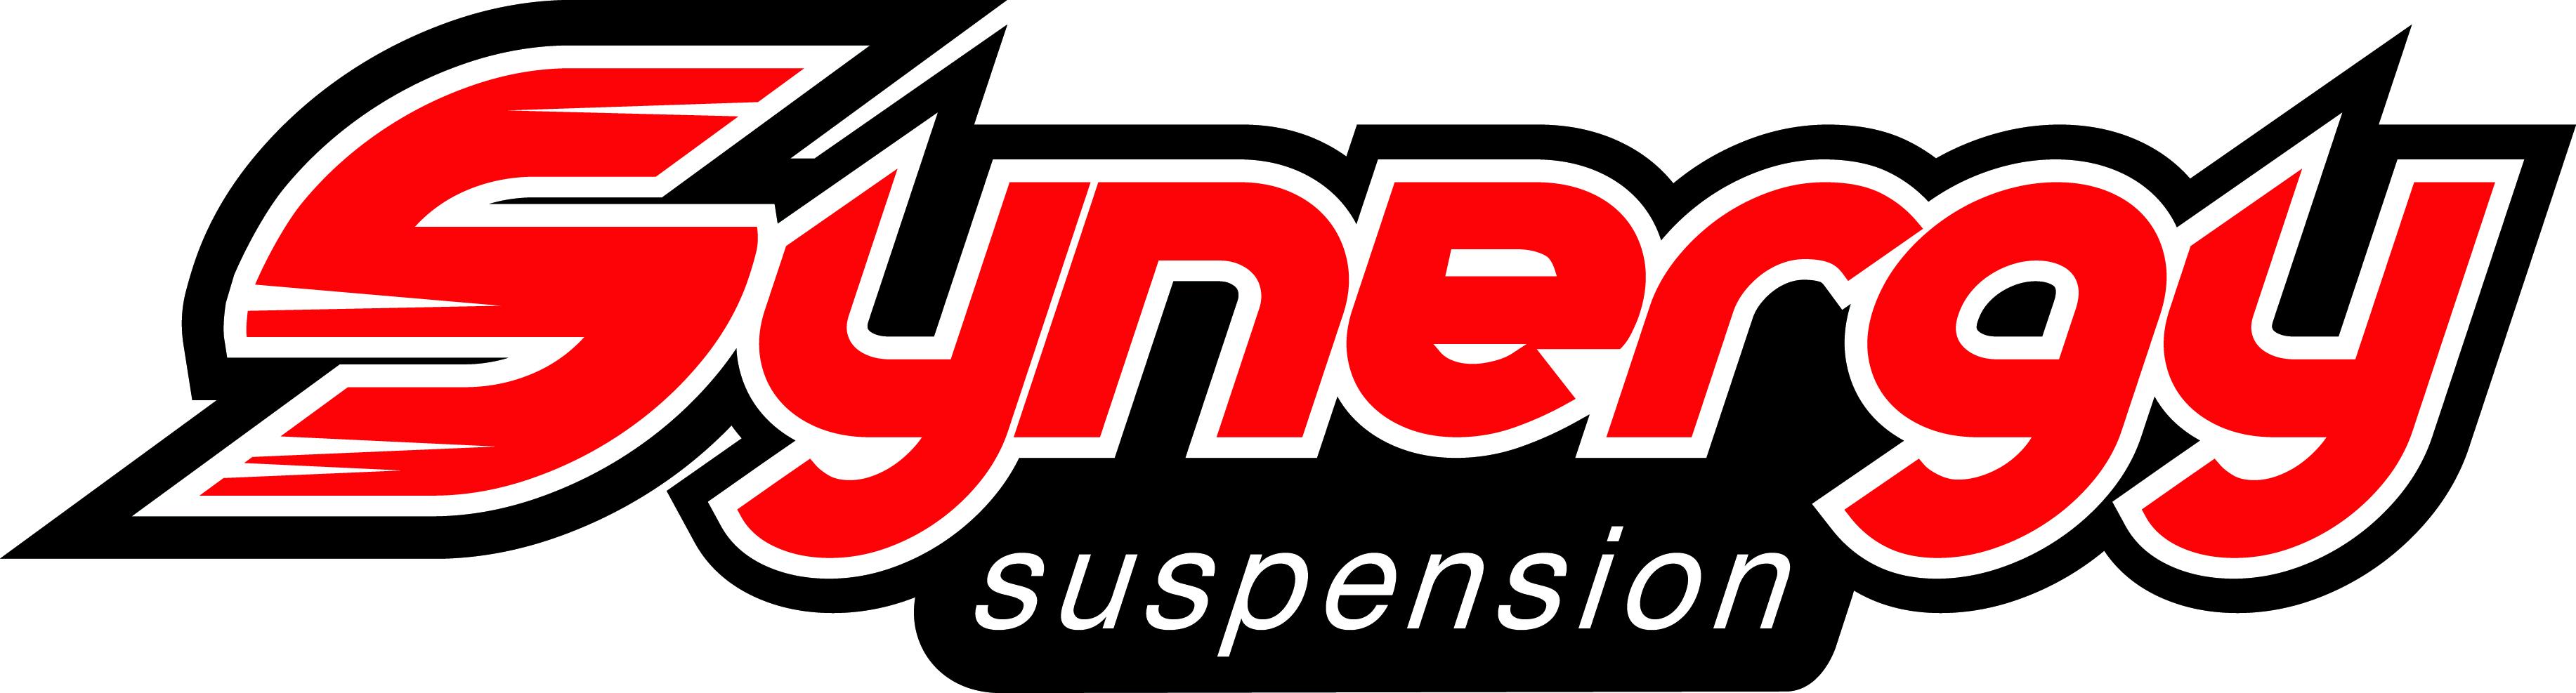 synergy-logo-hi-res-1 (1).jpg